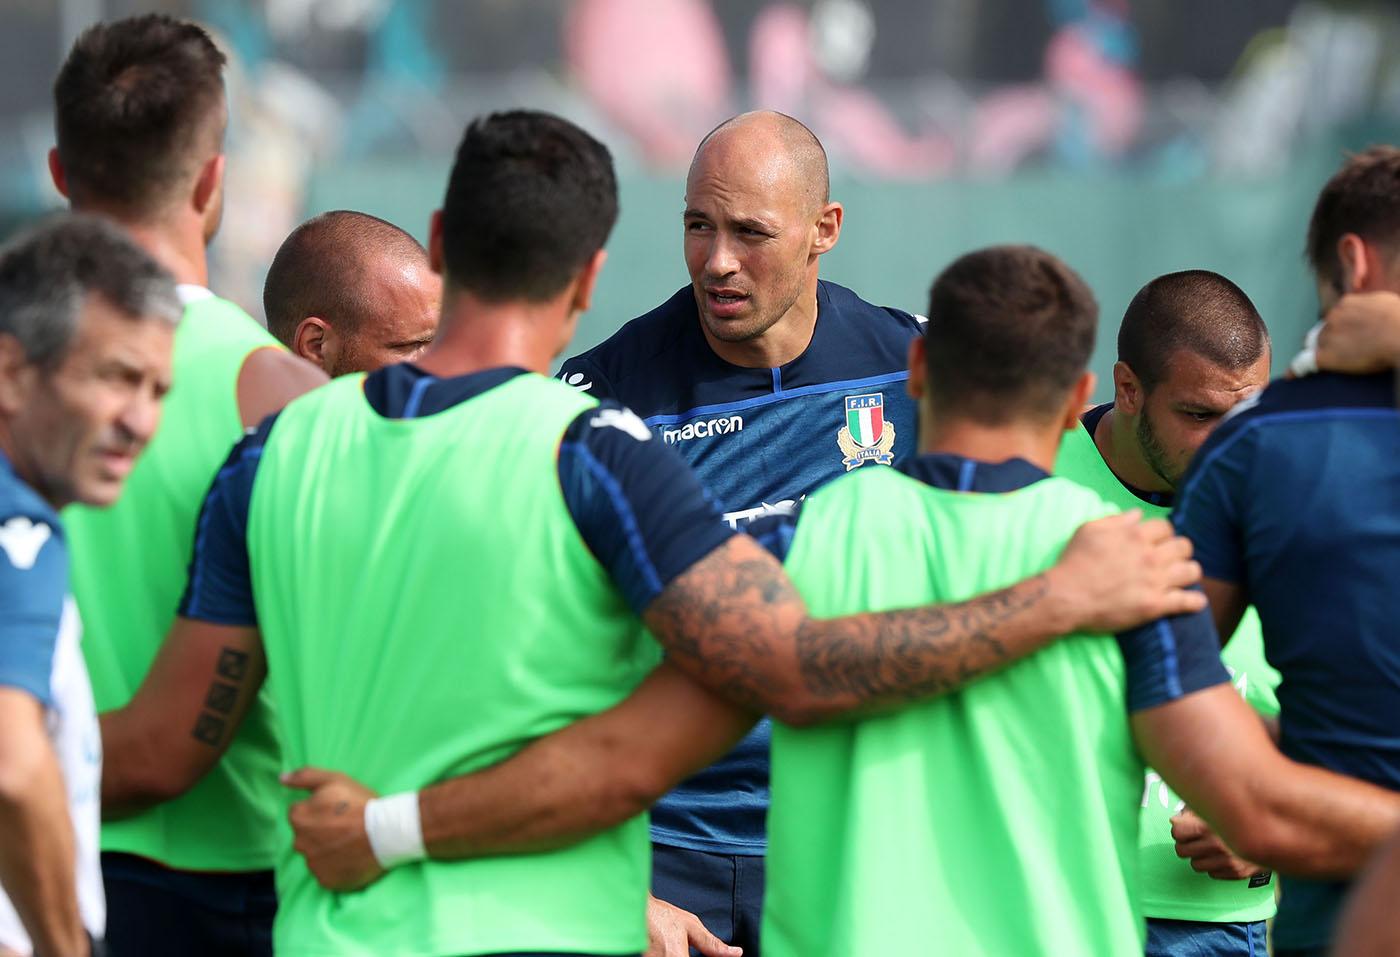 allenamento italia pergine 2019